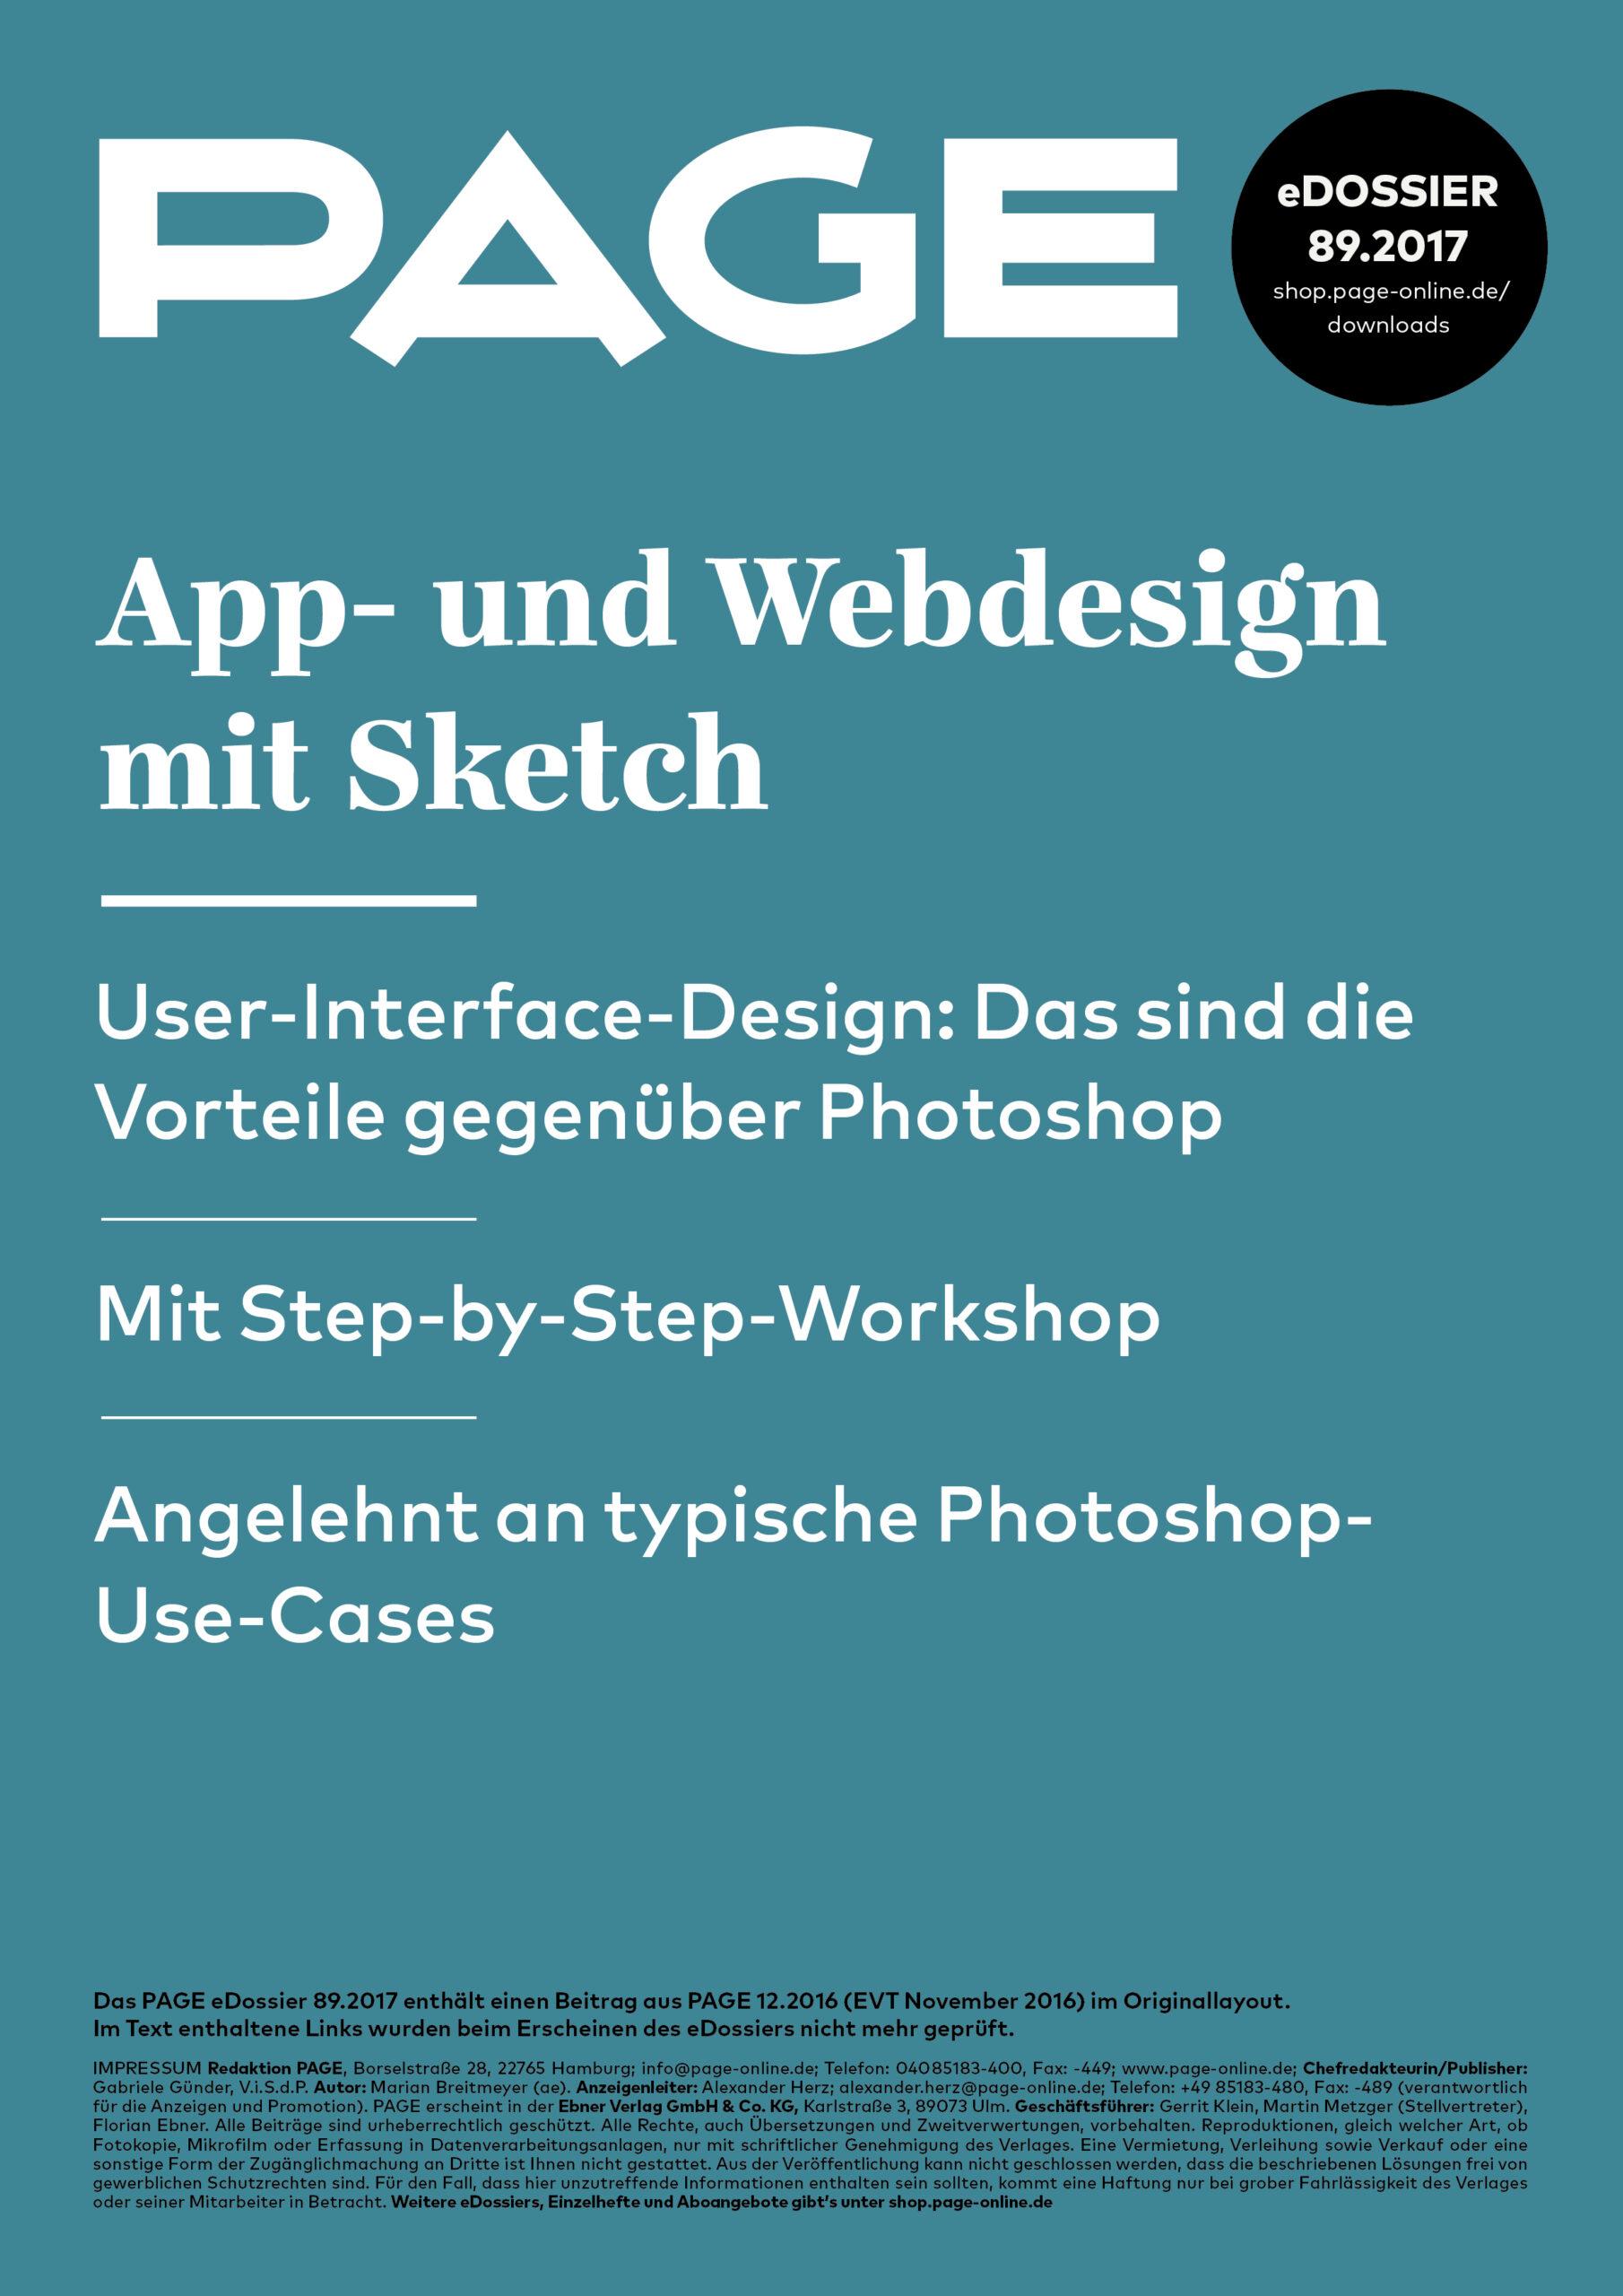 Produkt: eDossier »App- und Webdesign mit Sketch«